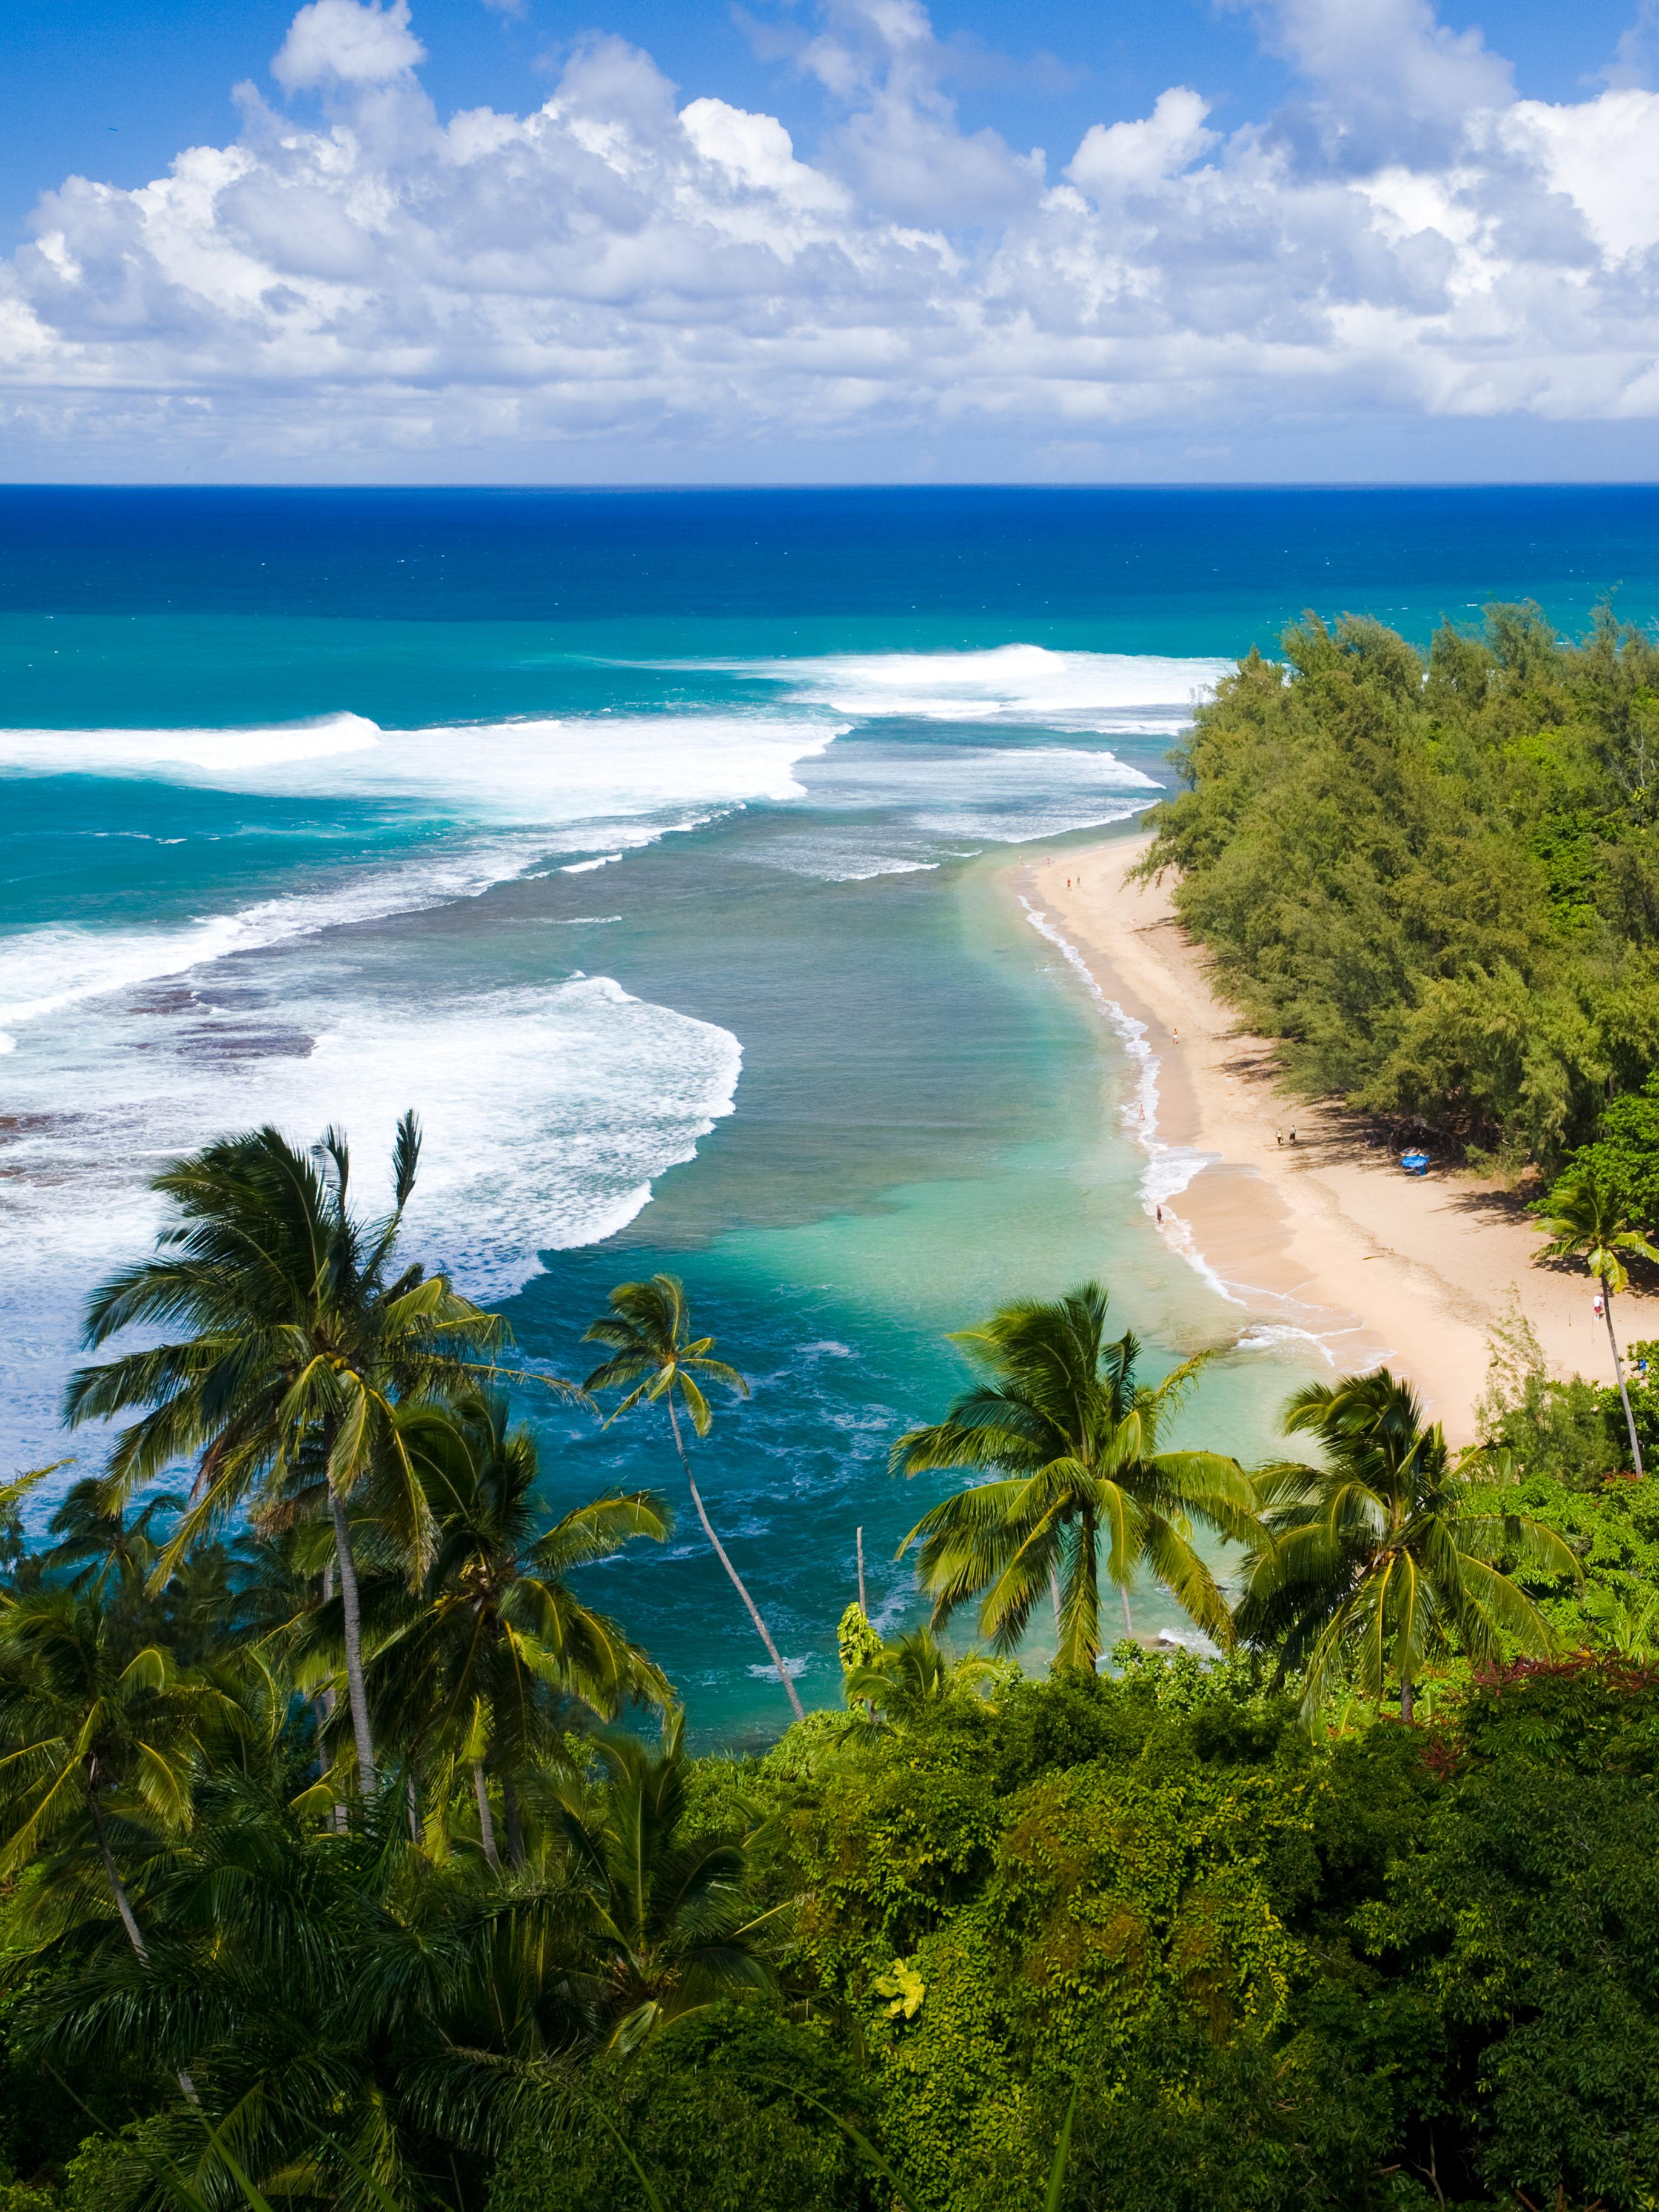 Best Kauai Snorkeling Spots, Ke'e Beach, Kauai Vacation